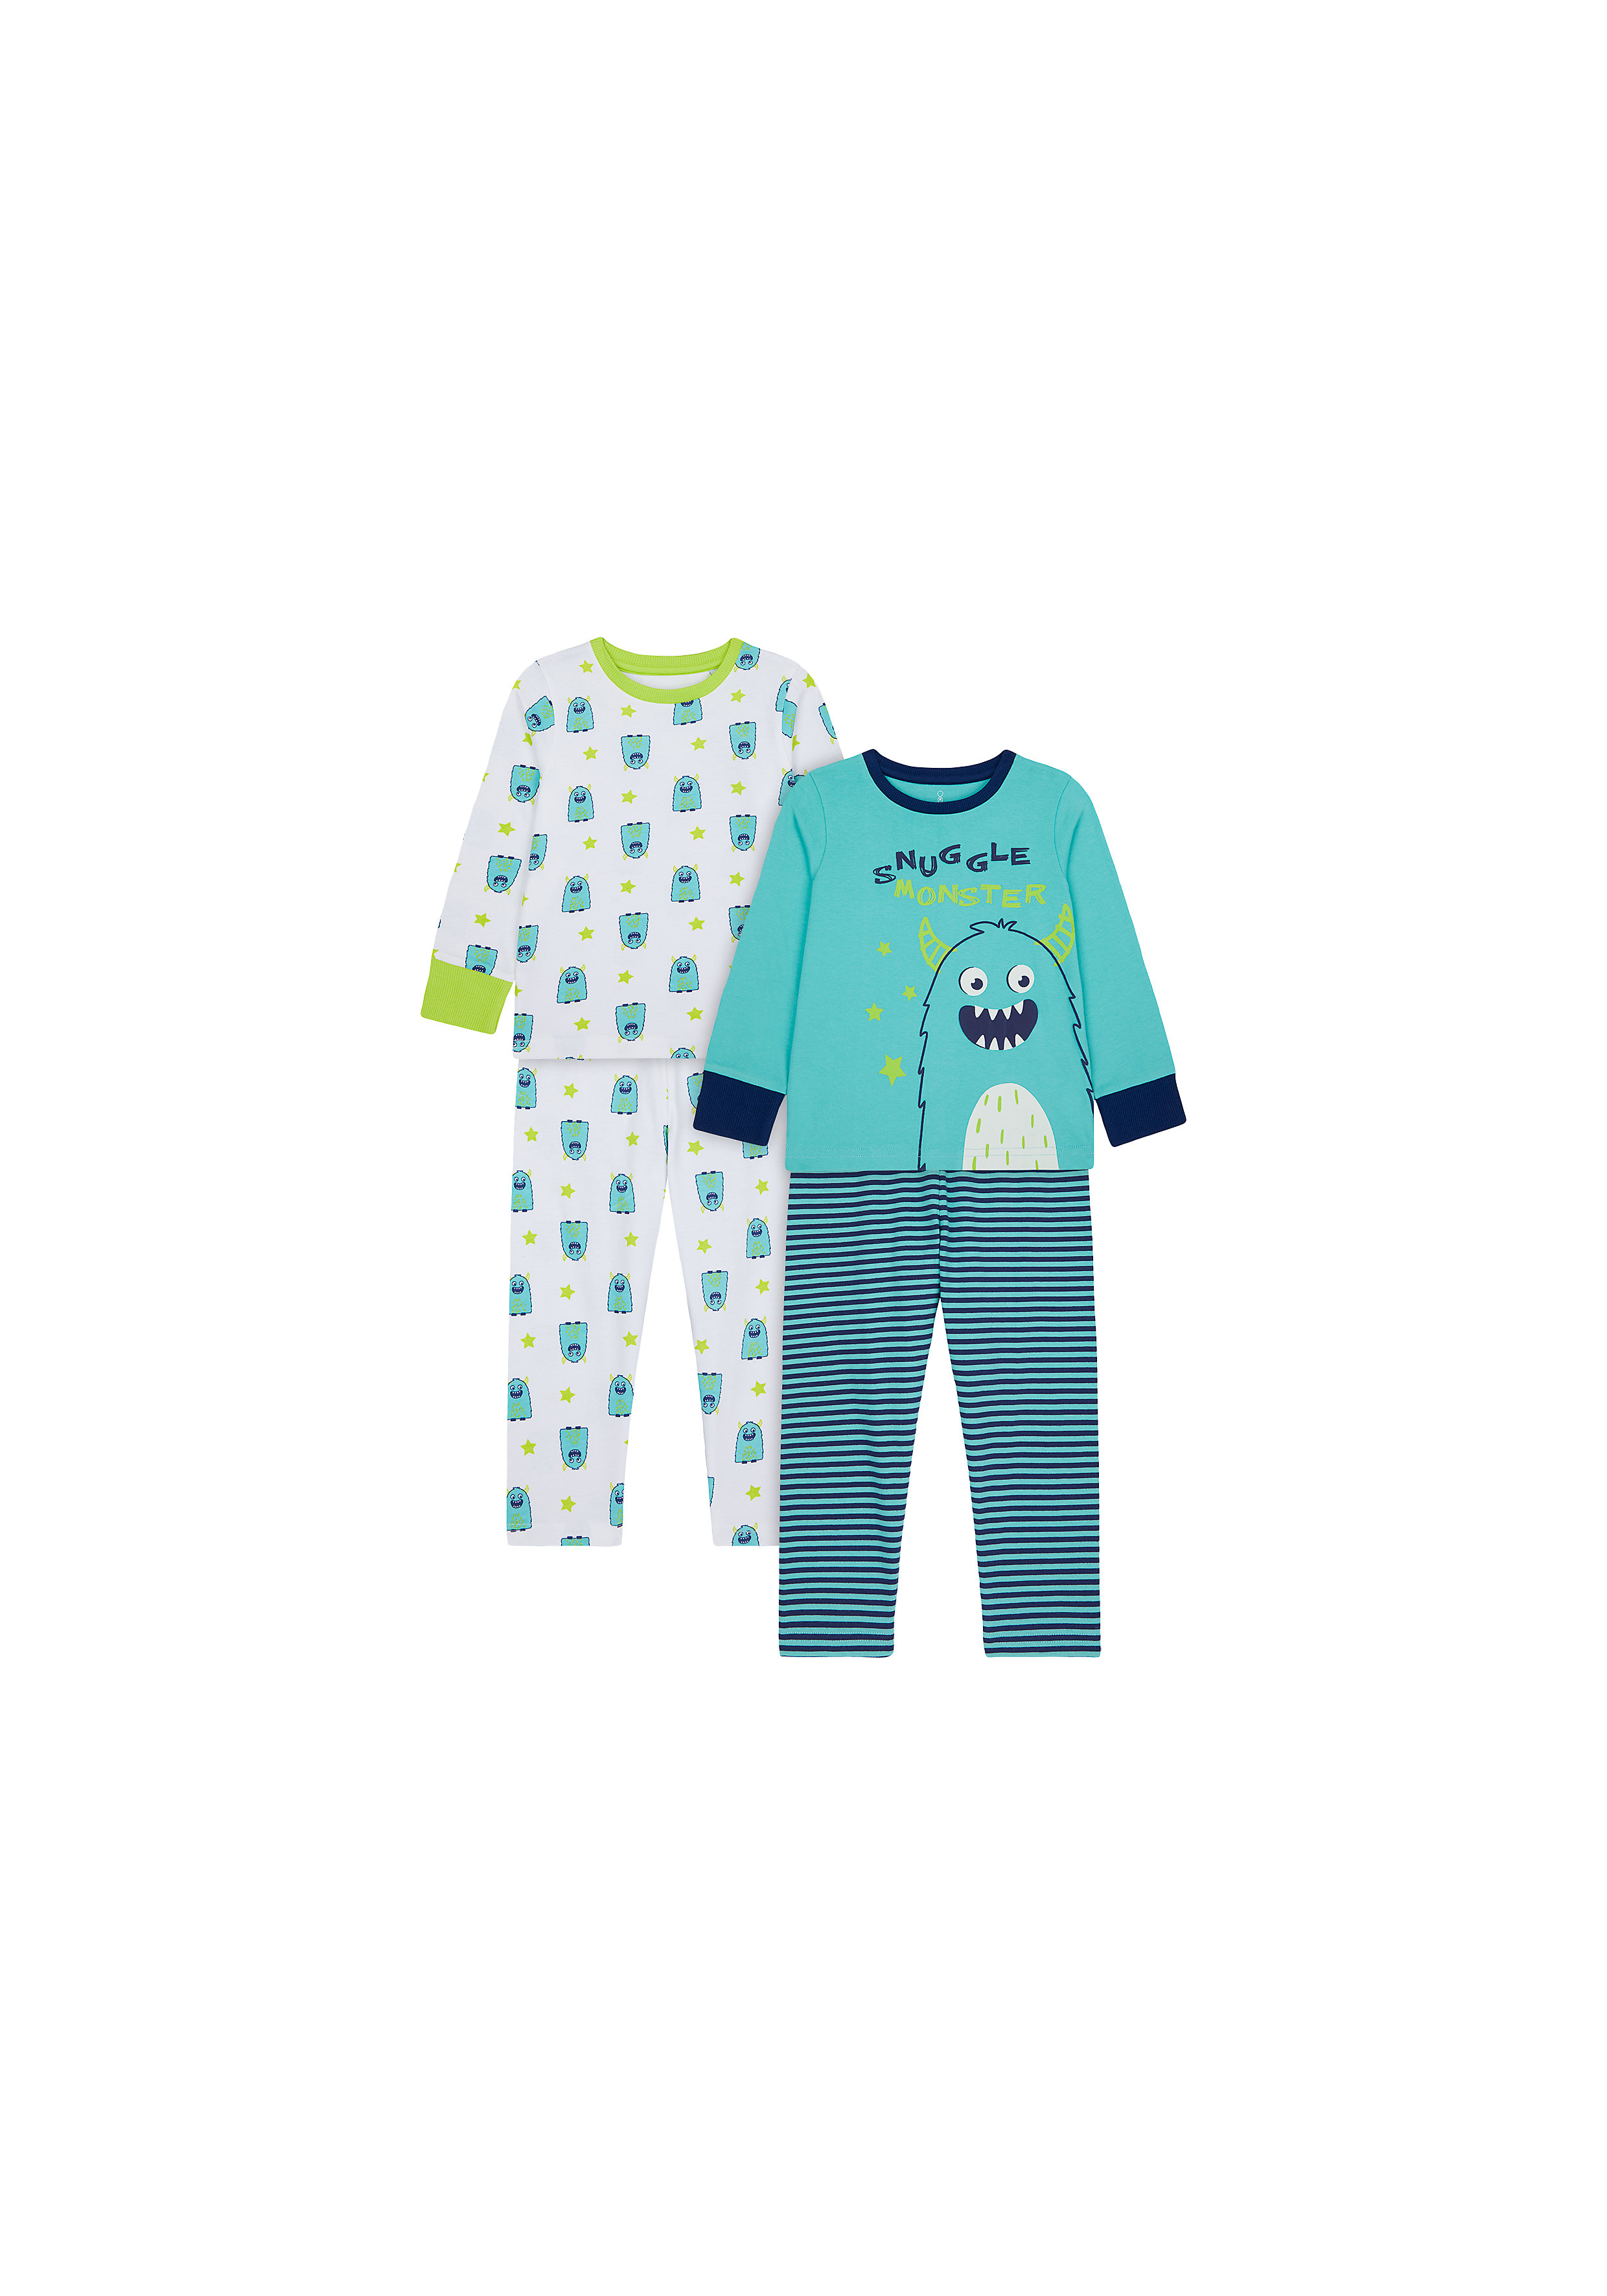 Mothercare | Boys Full Sleeves Pyjama Set Monster Print - Pack Of 2 - Blue White